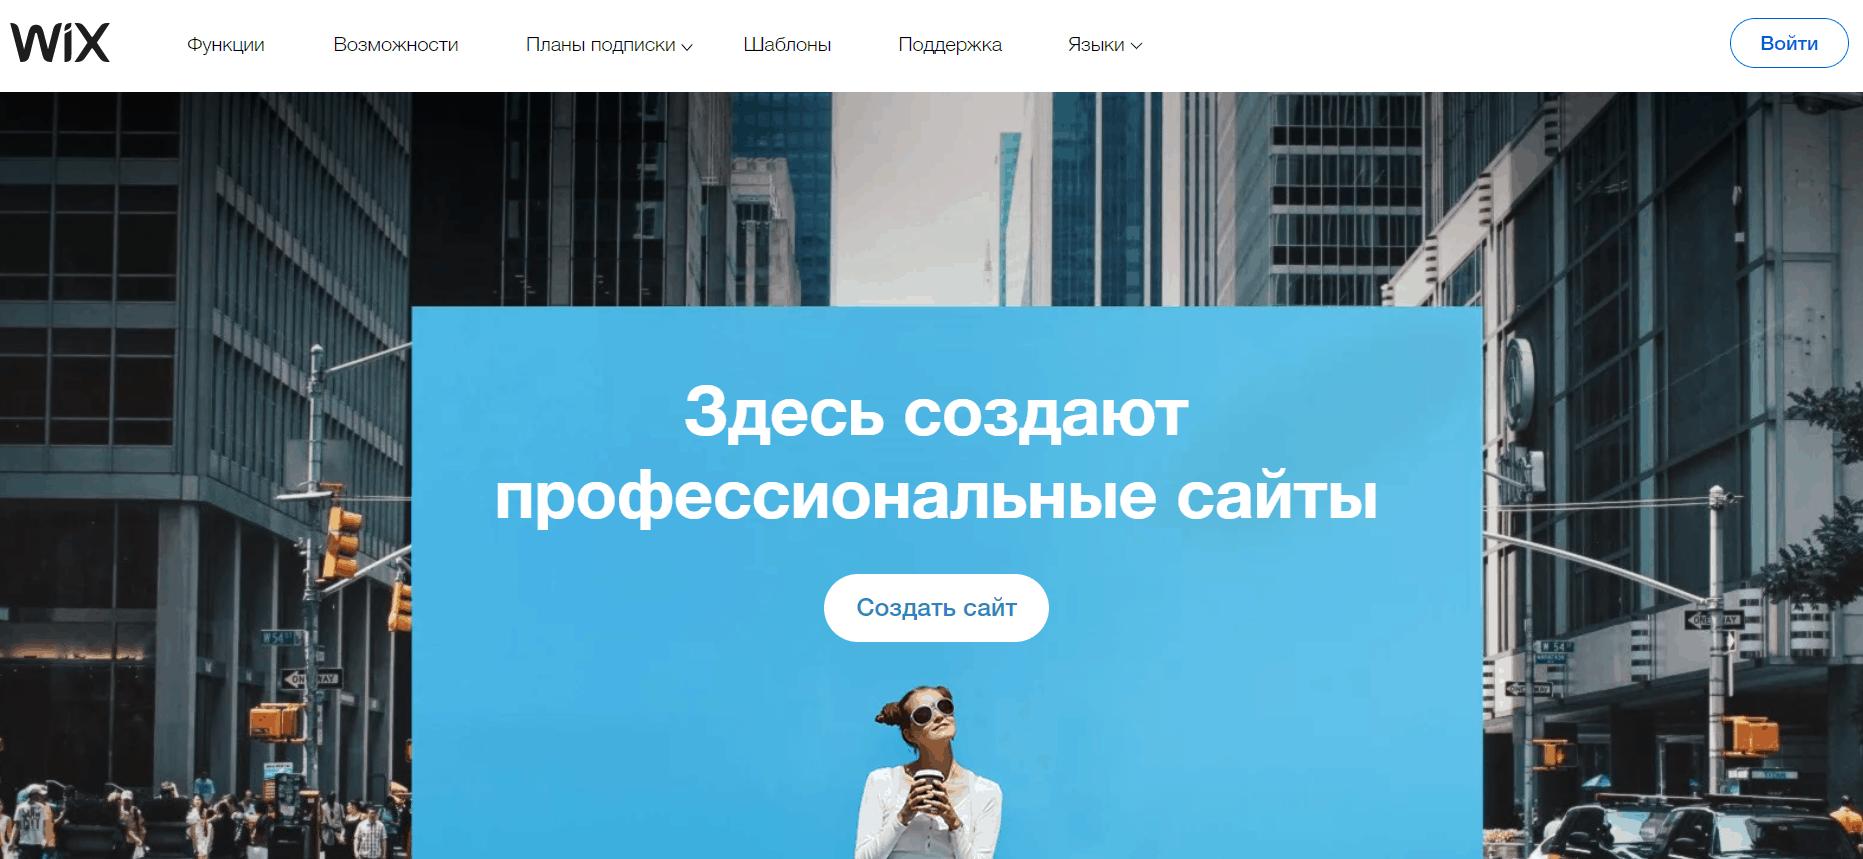 Онлайн-конструктор сайтов Wix